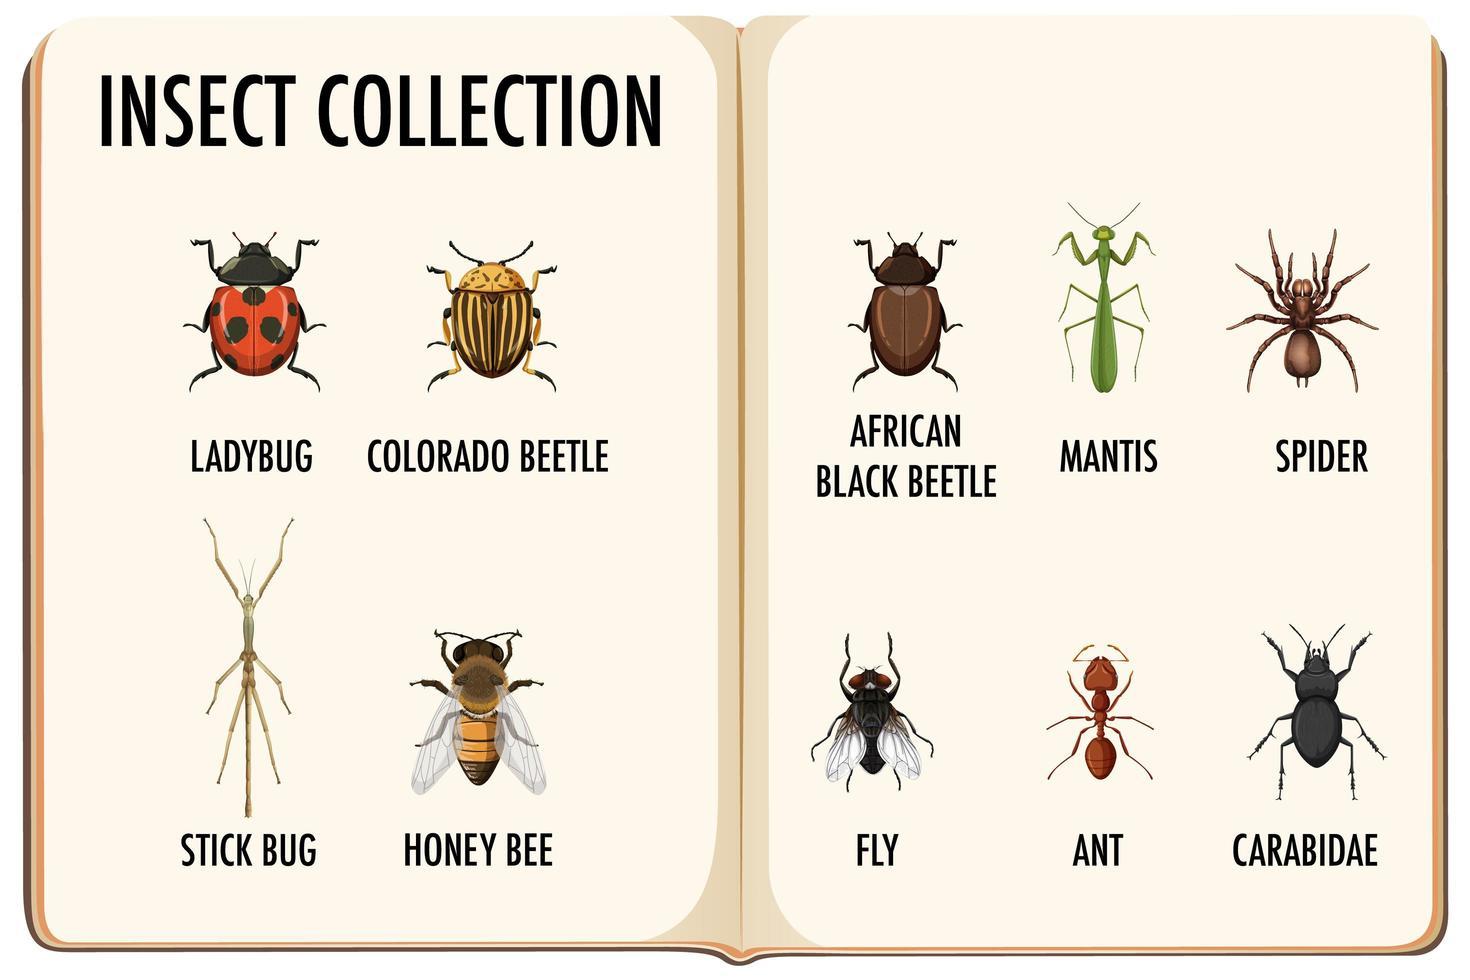 ensemble de collection d'insectes dans le livre vecteur